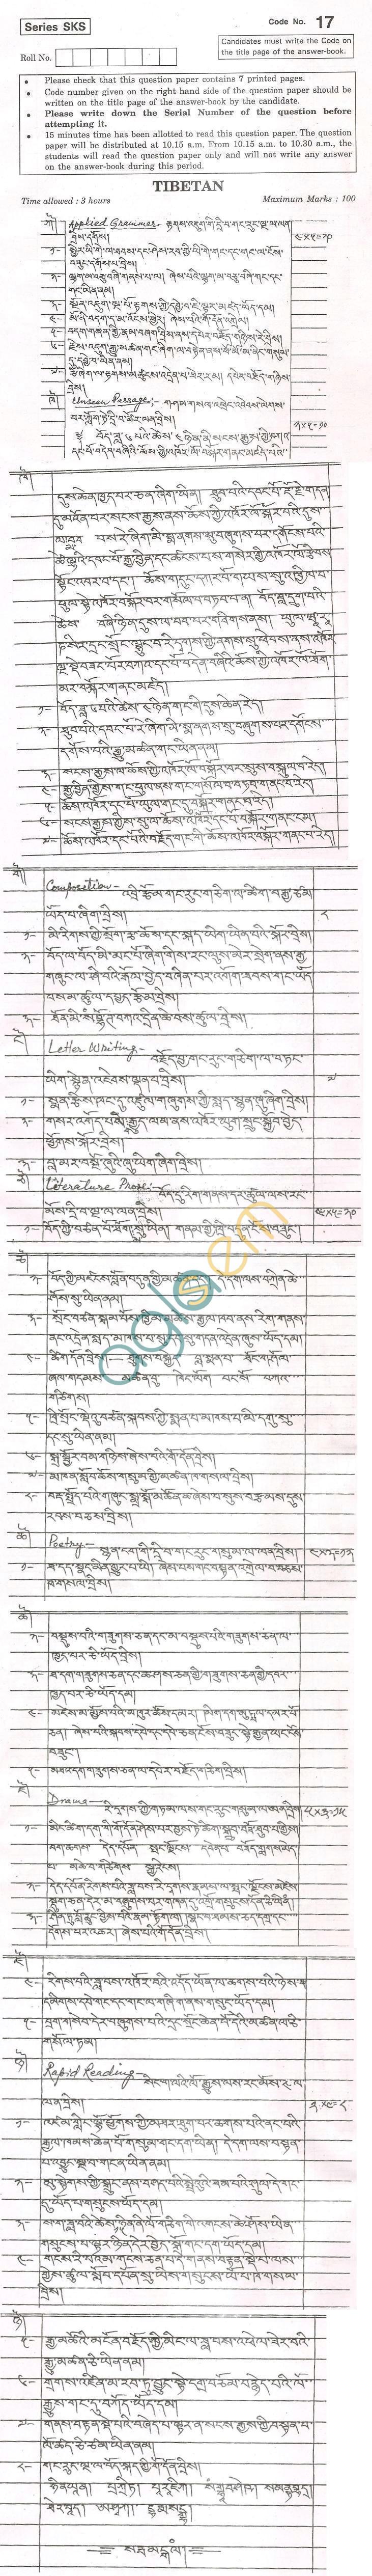 CBSE Board Exam 2013 Class XII Question Paper -Tibetan